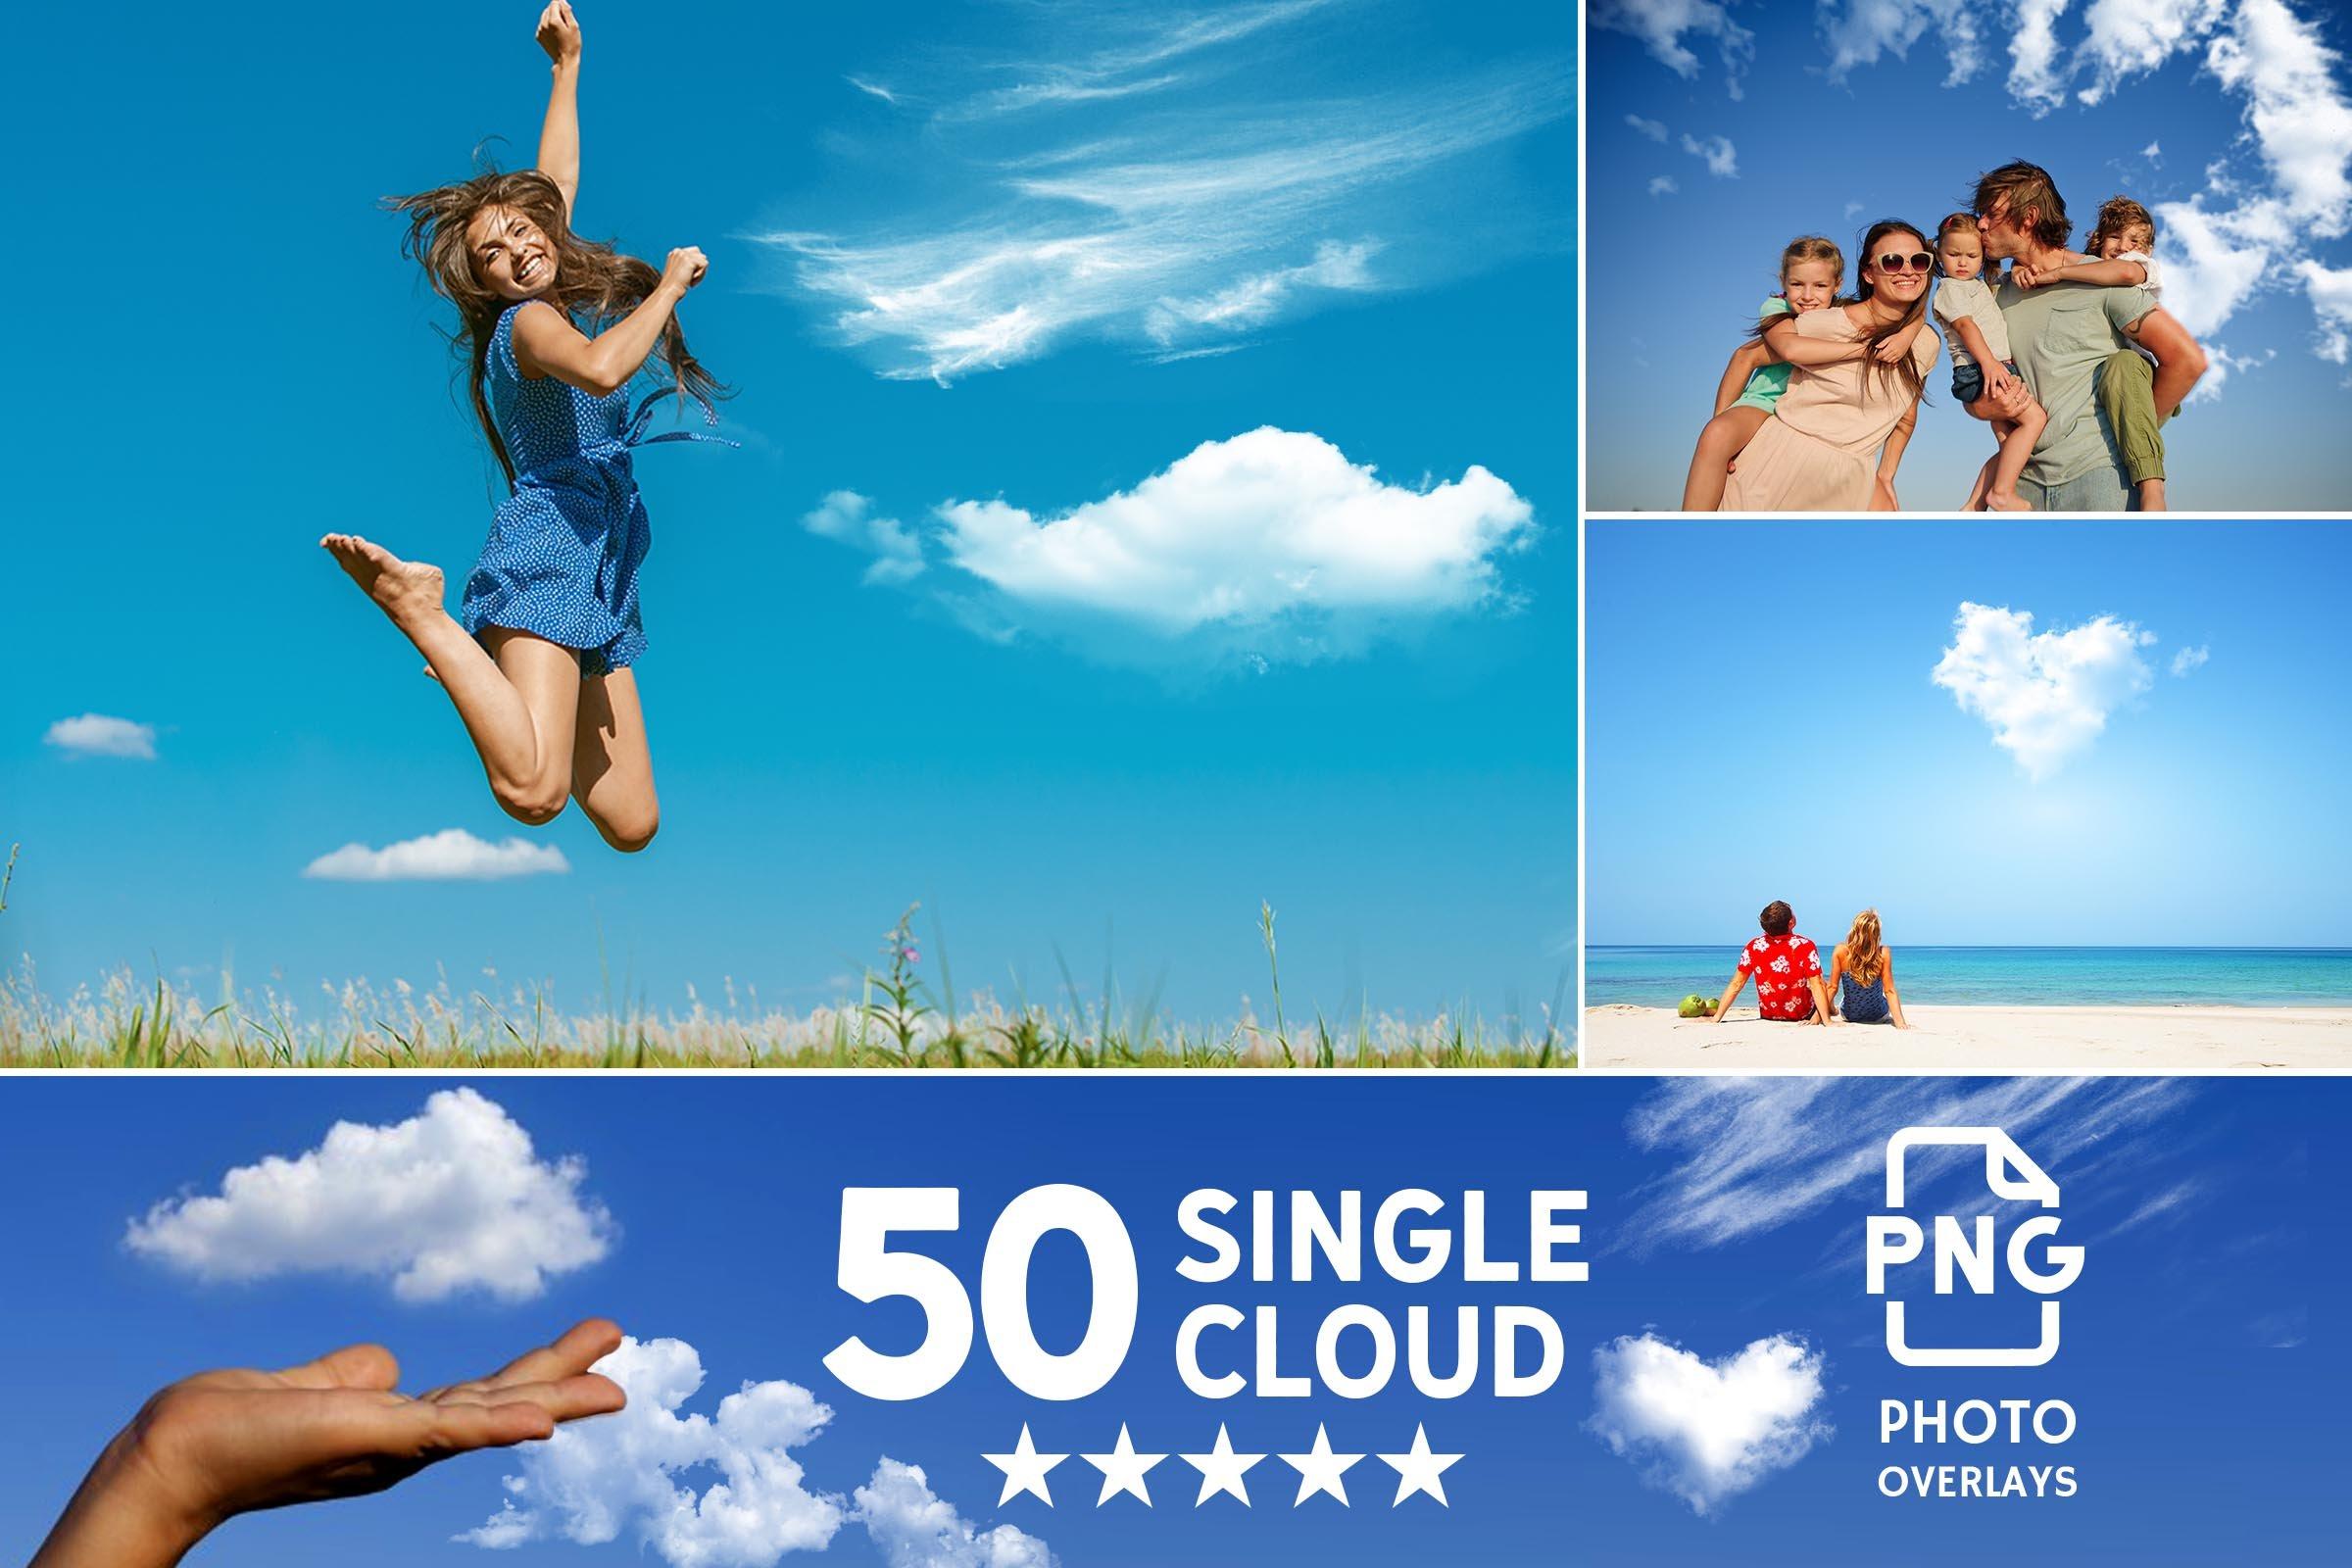 50张高清白云云朵叠加层PNG图片素材 50 Single Clouds Photo Overlays插图